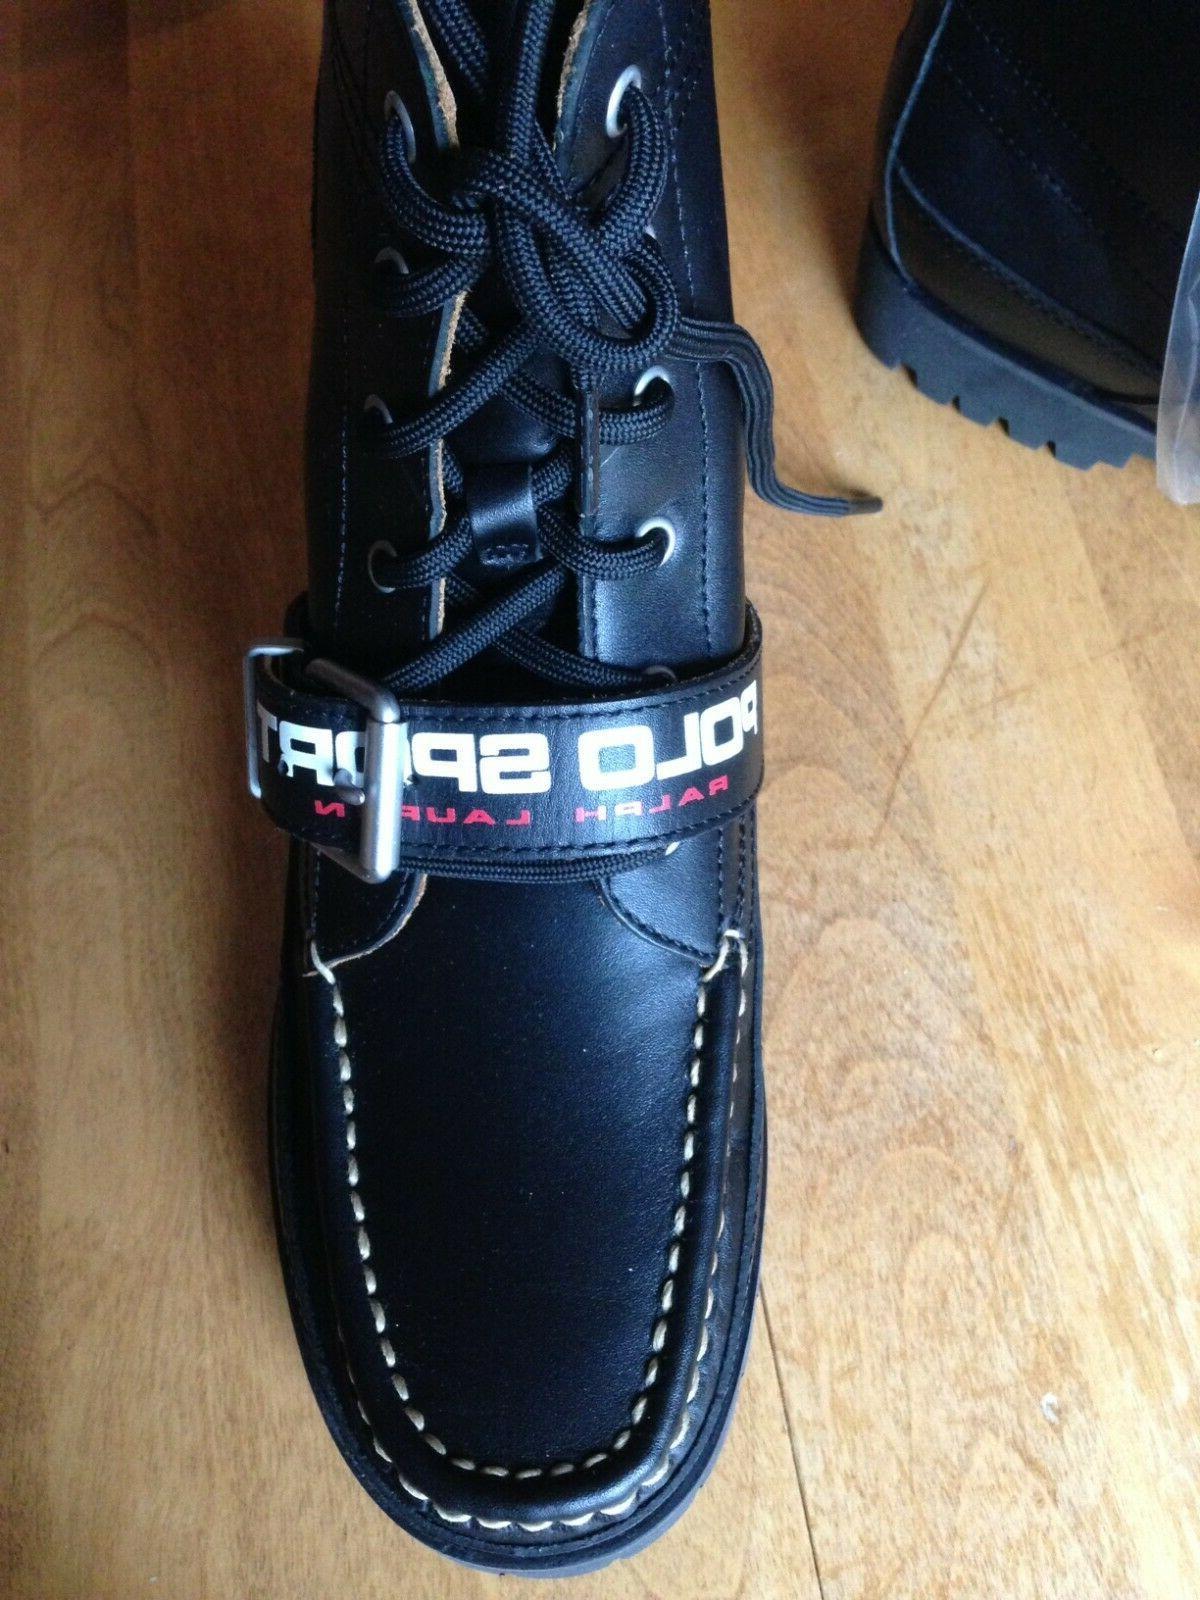 Polo Ralph Polo Ranger Boots 14557G19 Black/Black US Size 9